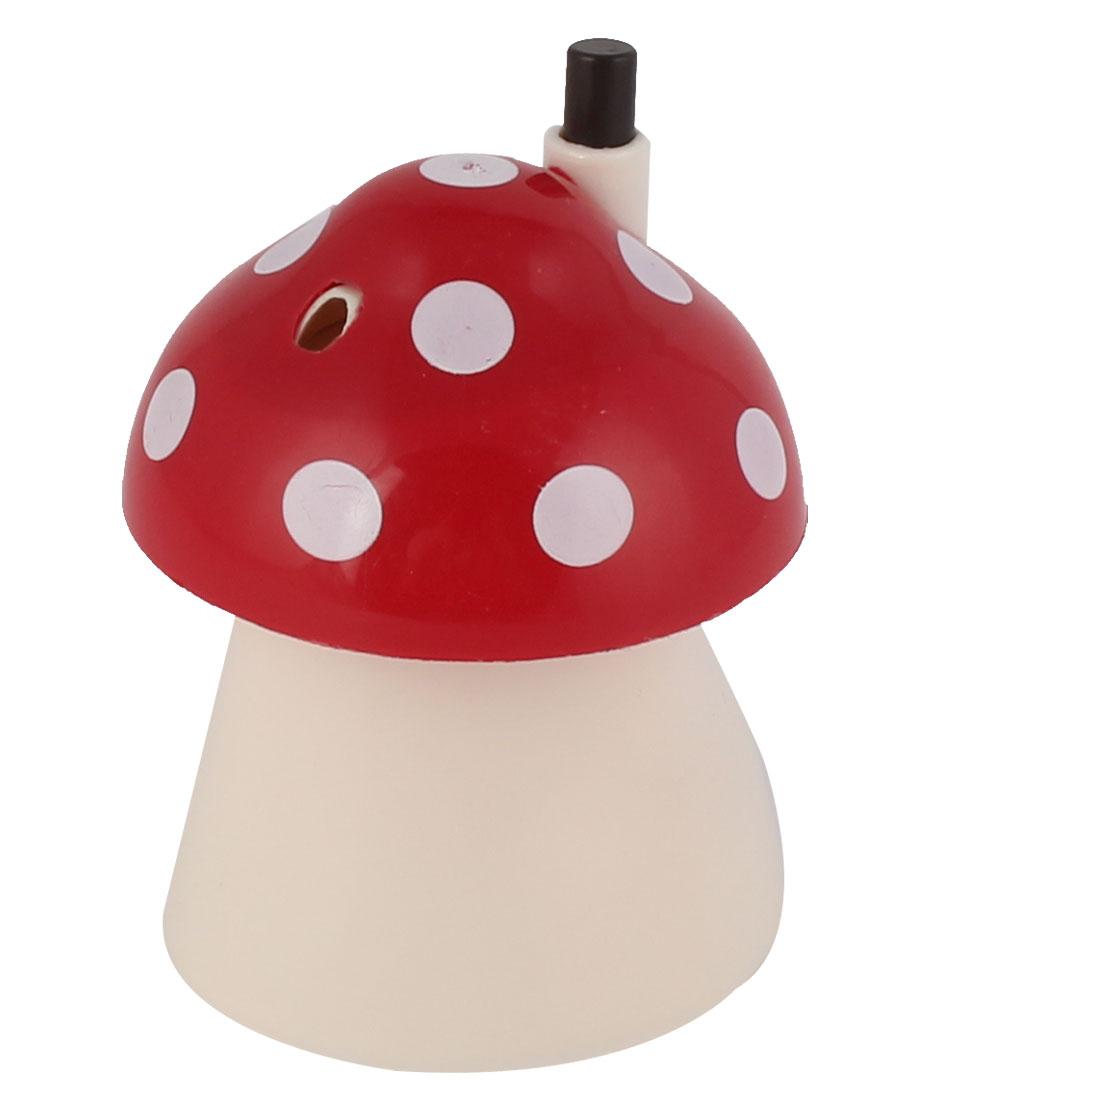 Household Family Plastic Mushroom Shaped Toothpick Holder Case Red White